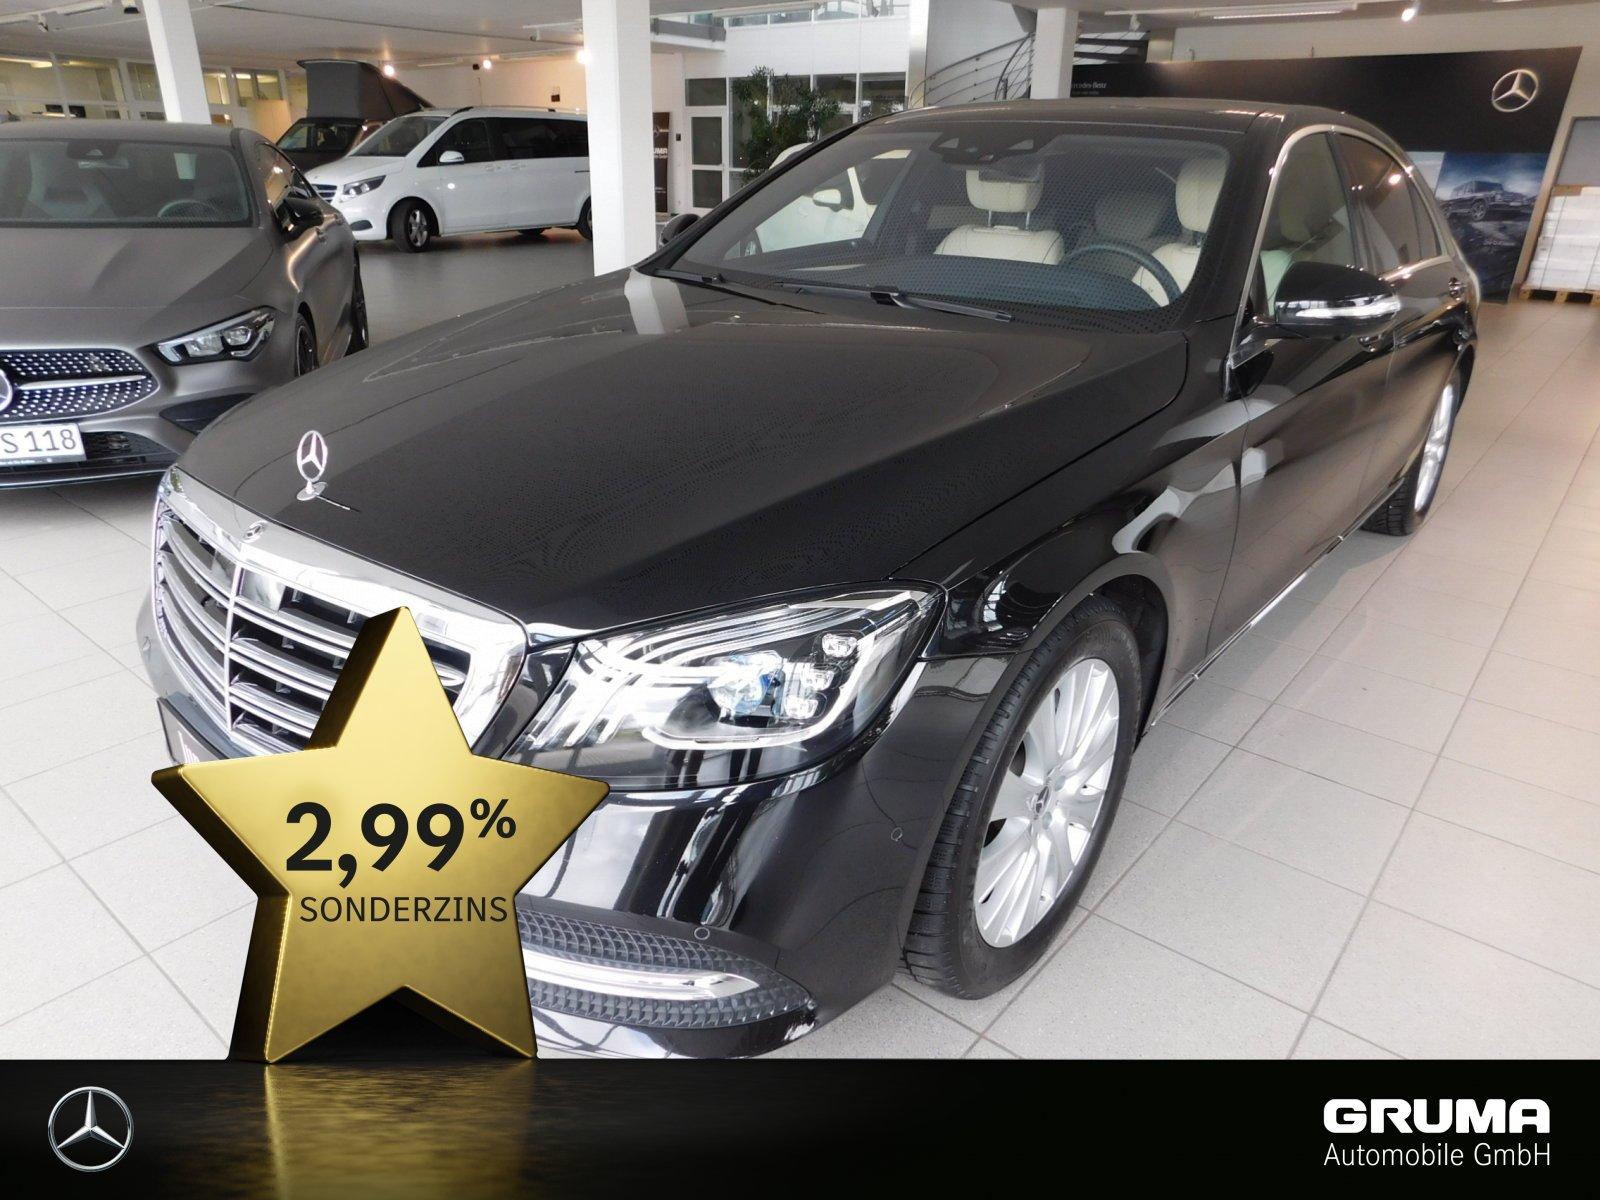 Mercedes-Benz S 350 d 4x4 L PANO+4xSITZKLIMA+MASSAGE+ENTERTAIN, Jahr 2019, Diesel